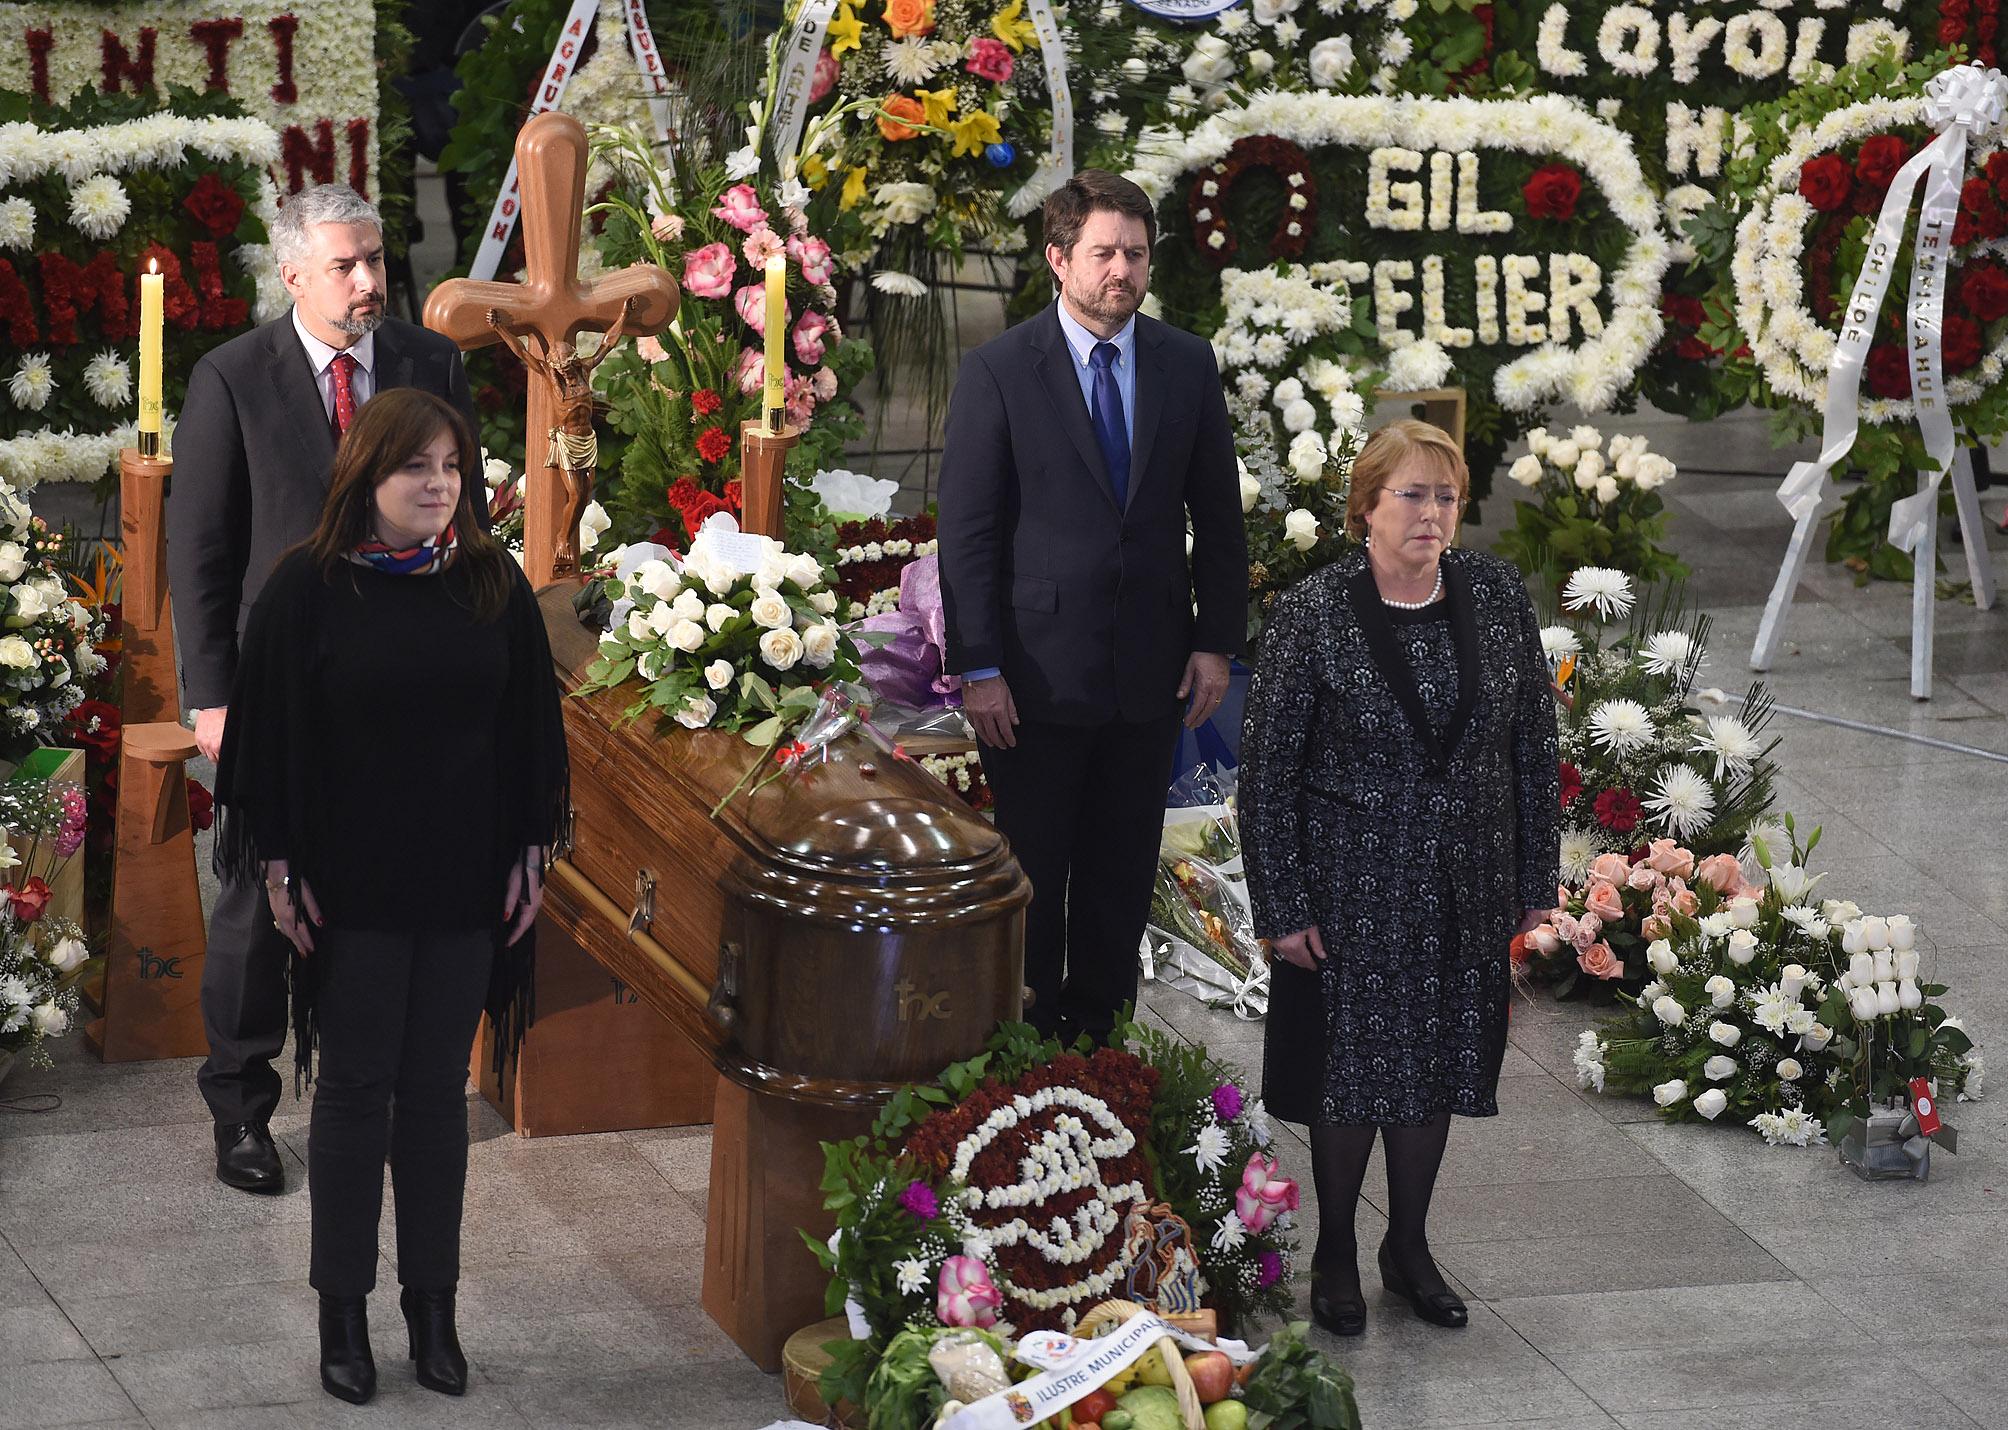 Velatorio de Loyola, con la presencia de la presidenta Michelle Bachelet.